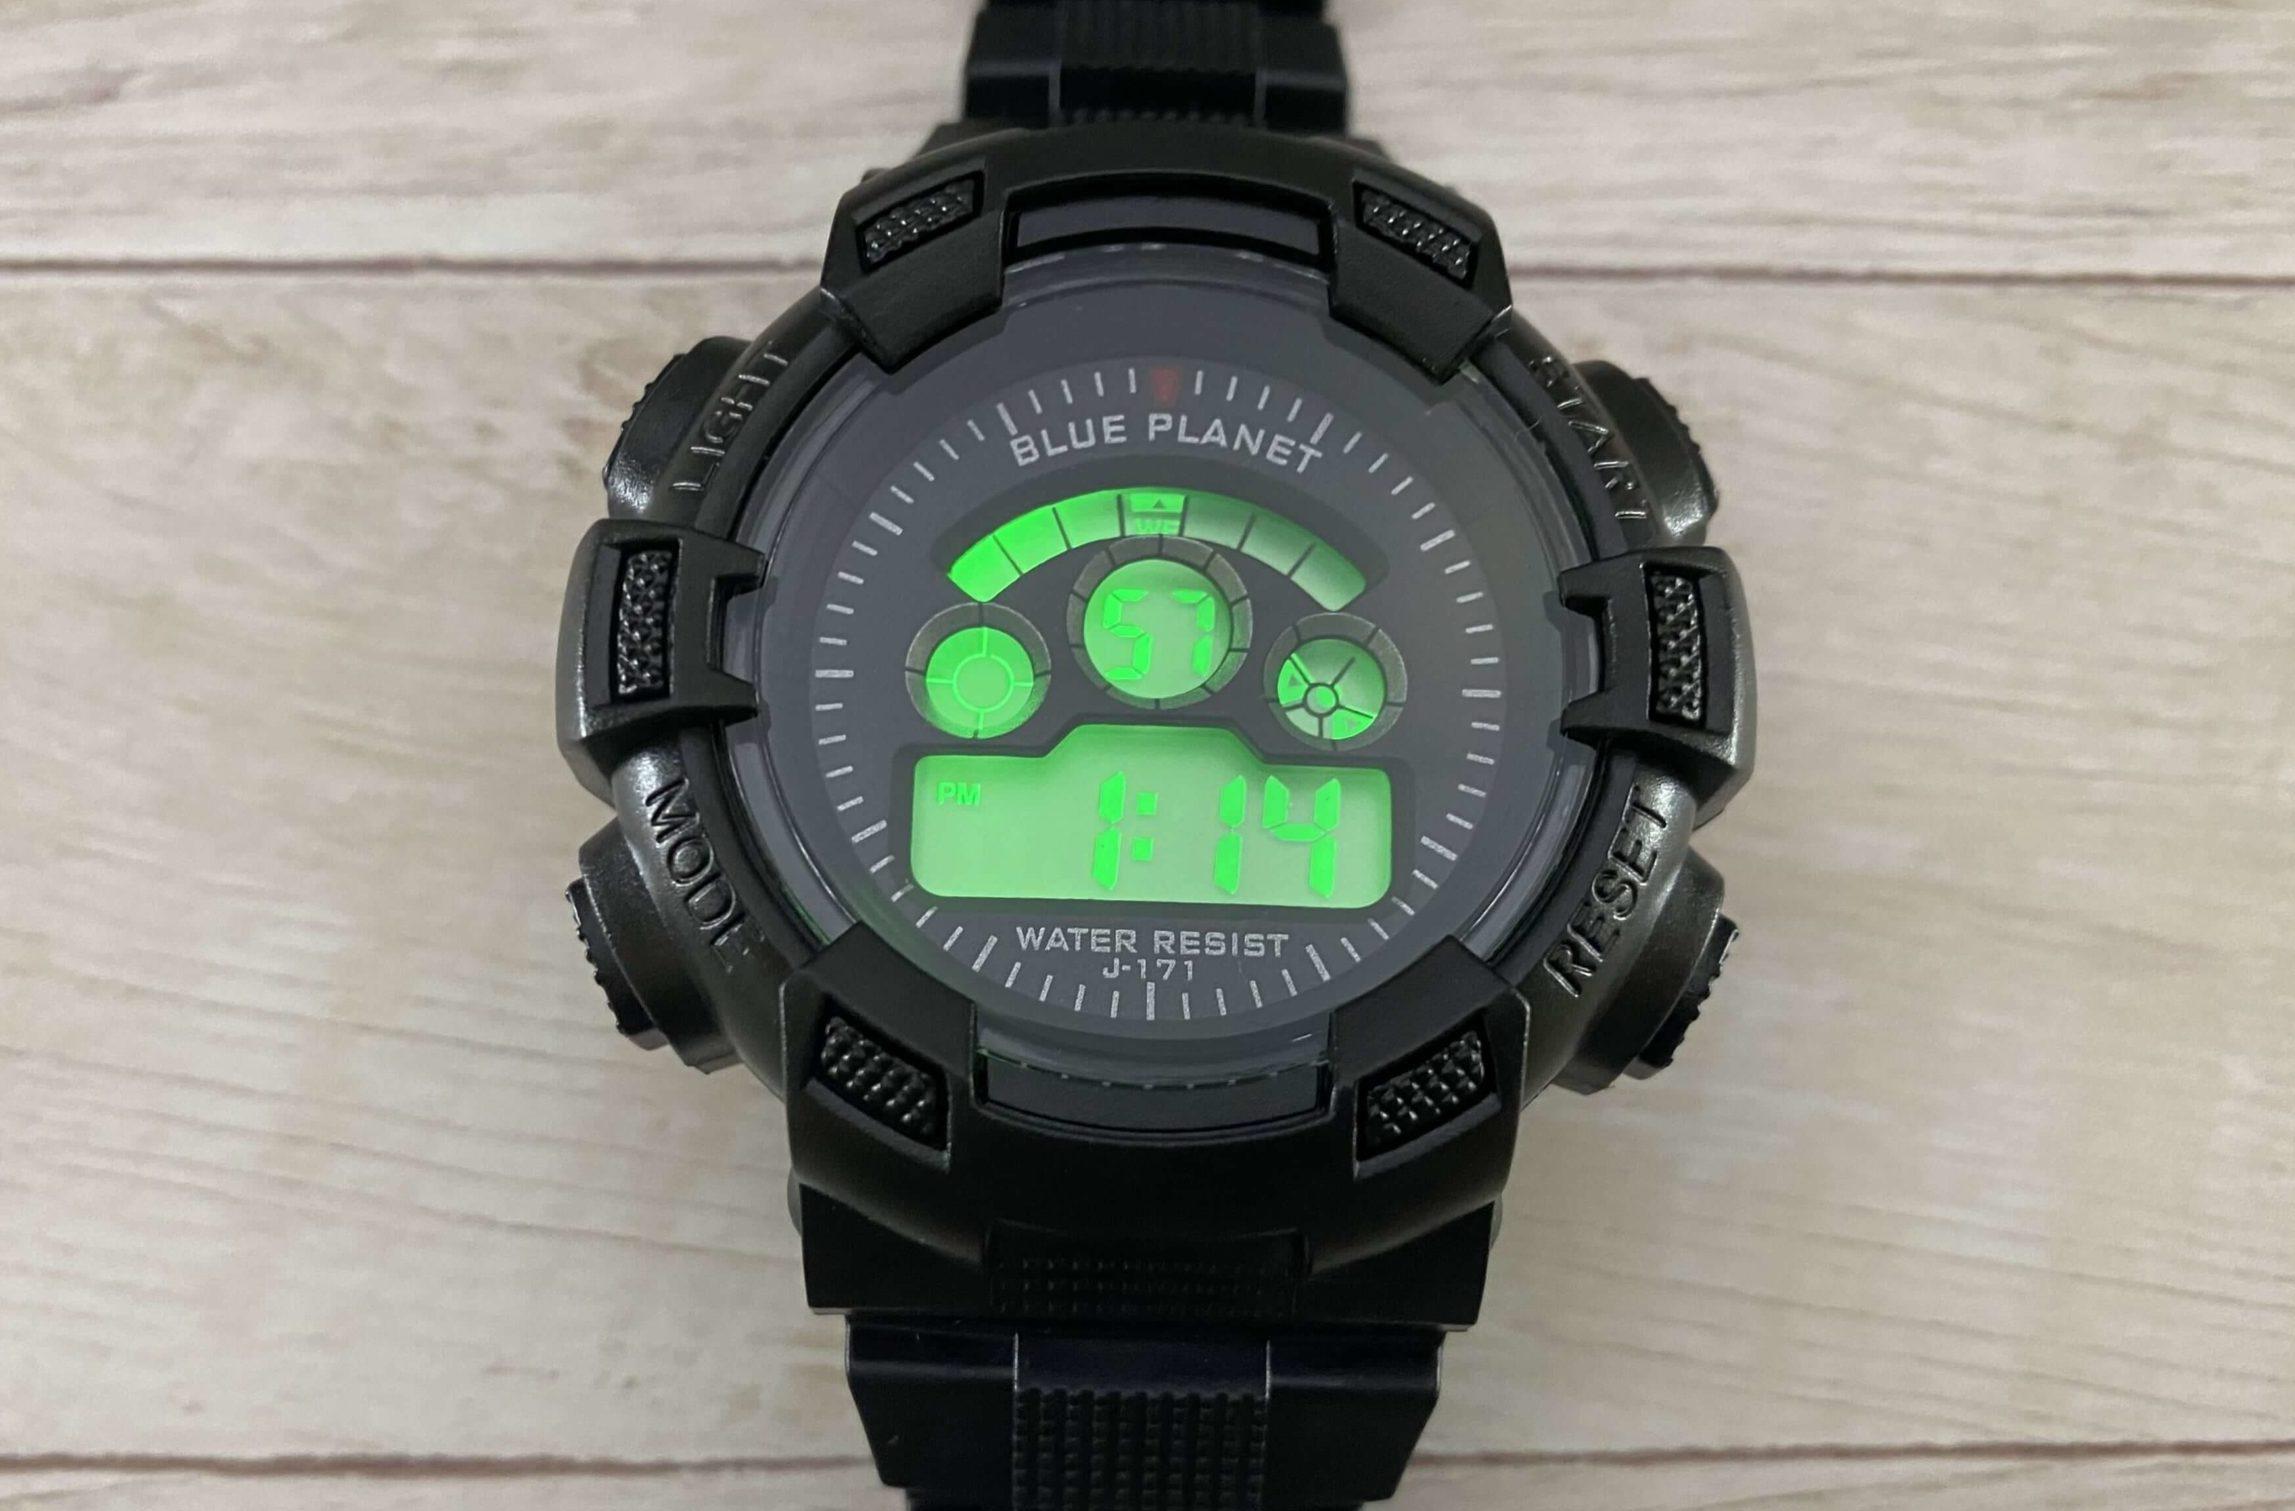 ダイソーの300円腕時計の機能